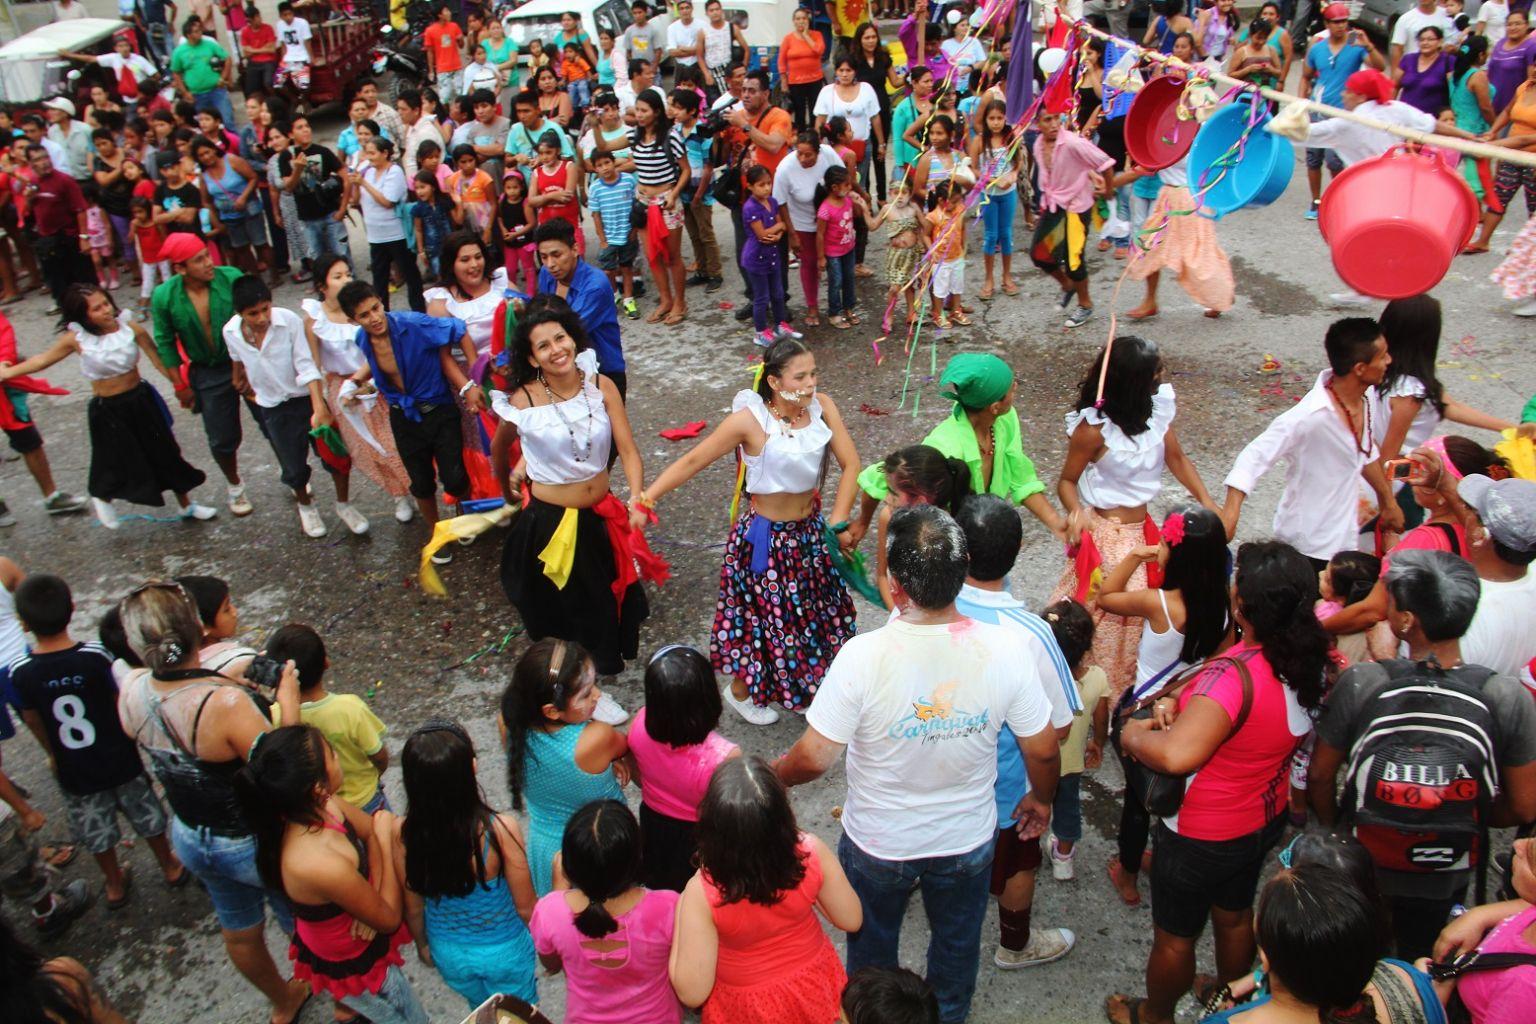 Concurso de carnaval la mana 2015 ecuador - 4 2